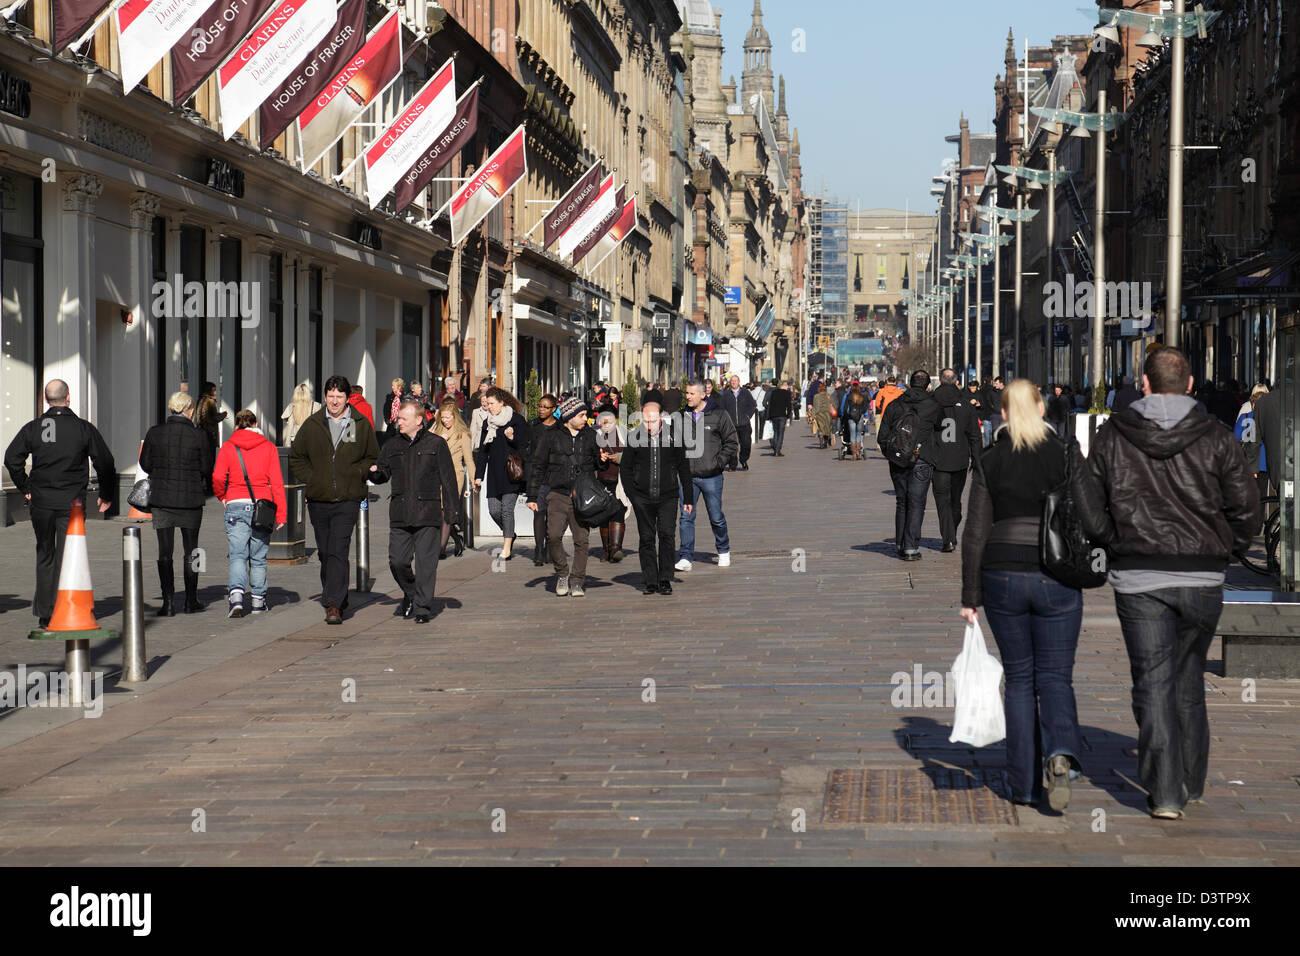 Fußgängerzone Buchanan Street in Glasgow City Centre, Schottland, UK Stockbild